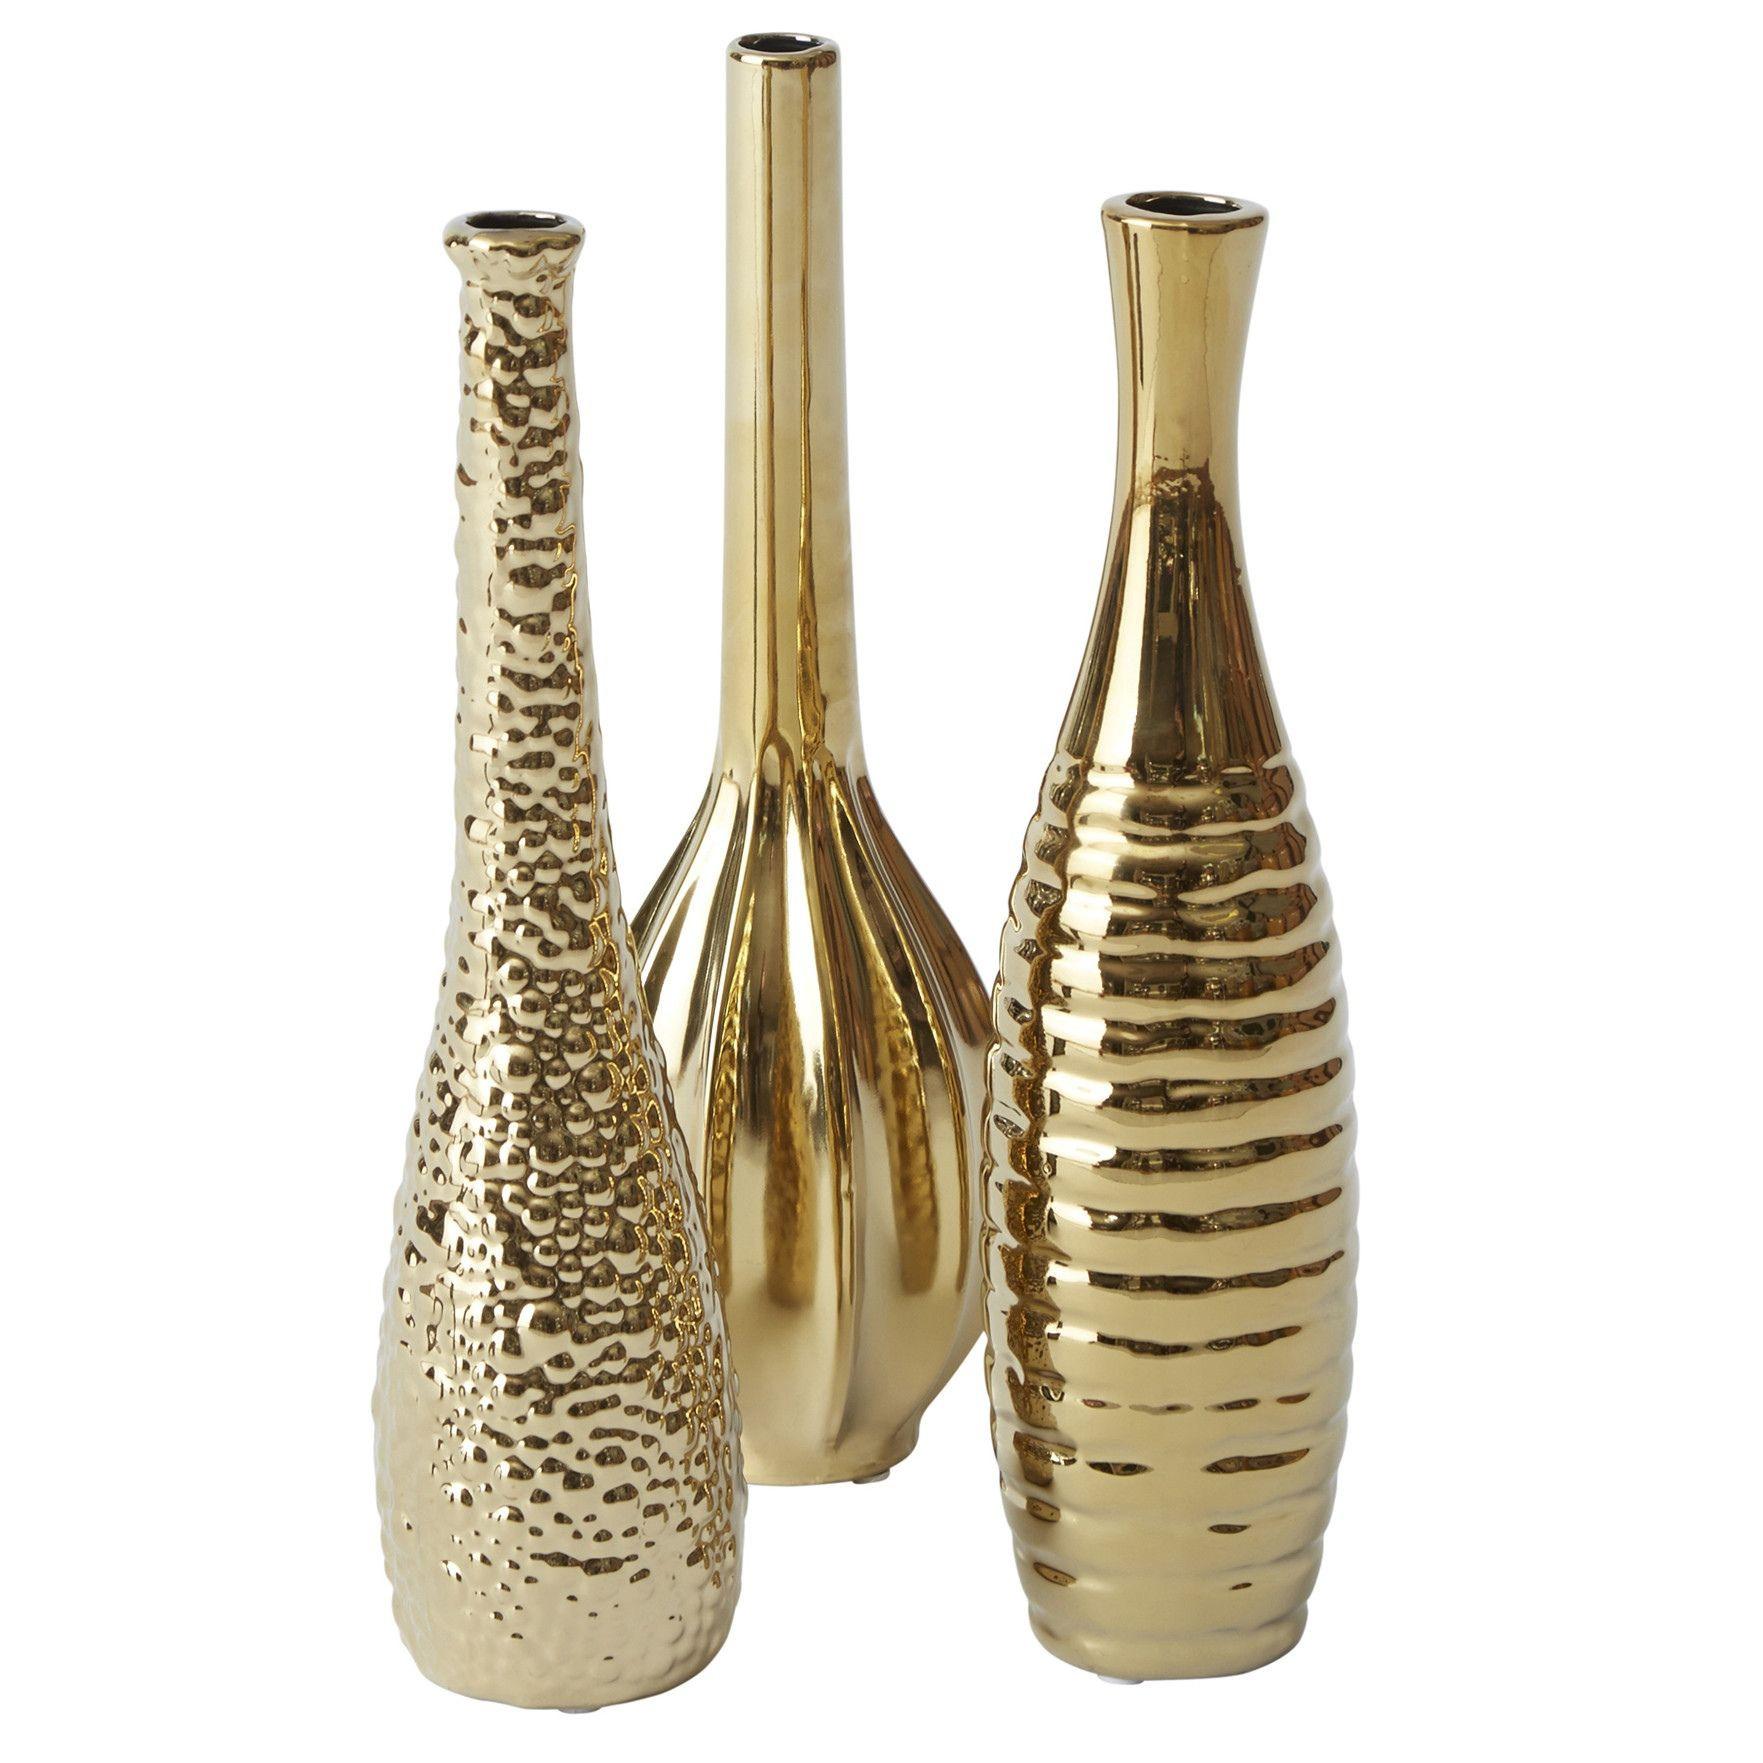 bamboo floor vases cheap of tall white floor vase new decorative floor vases fresh d dkbrw 5749 in tall white floor vase new decorative floor vases fresh d dkbrw 5749 1h vases tall brown